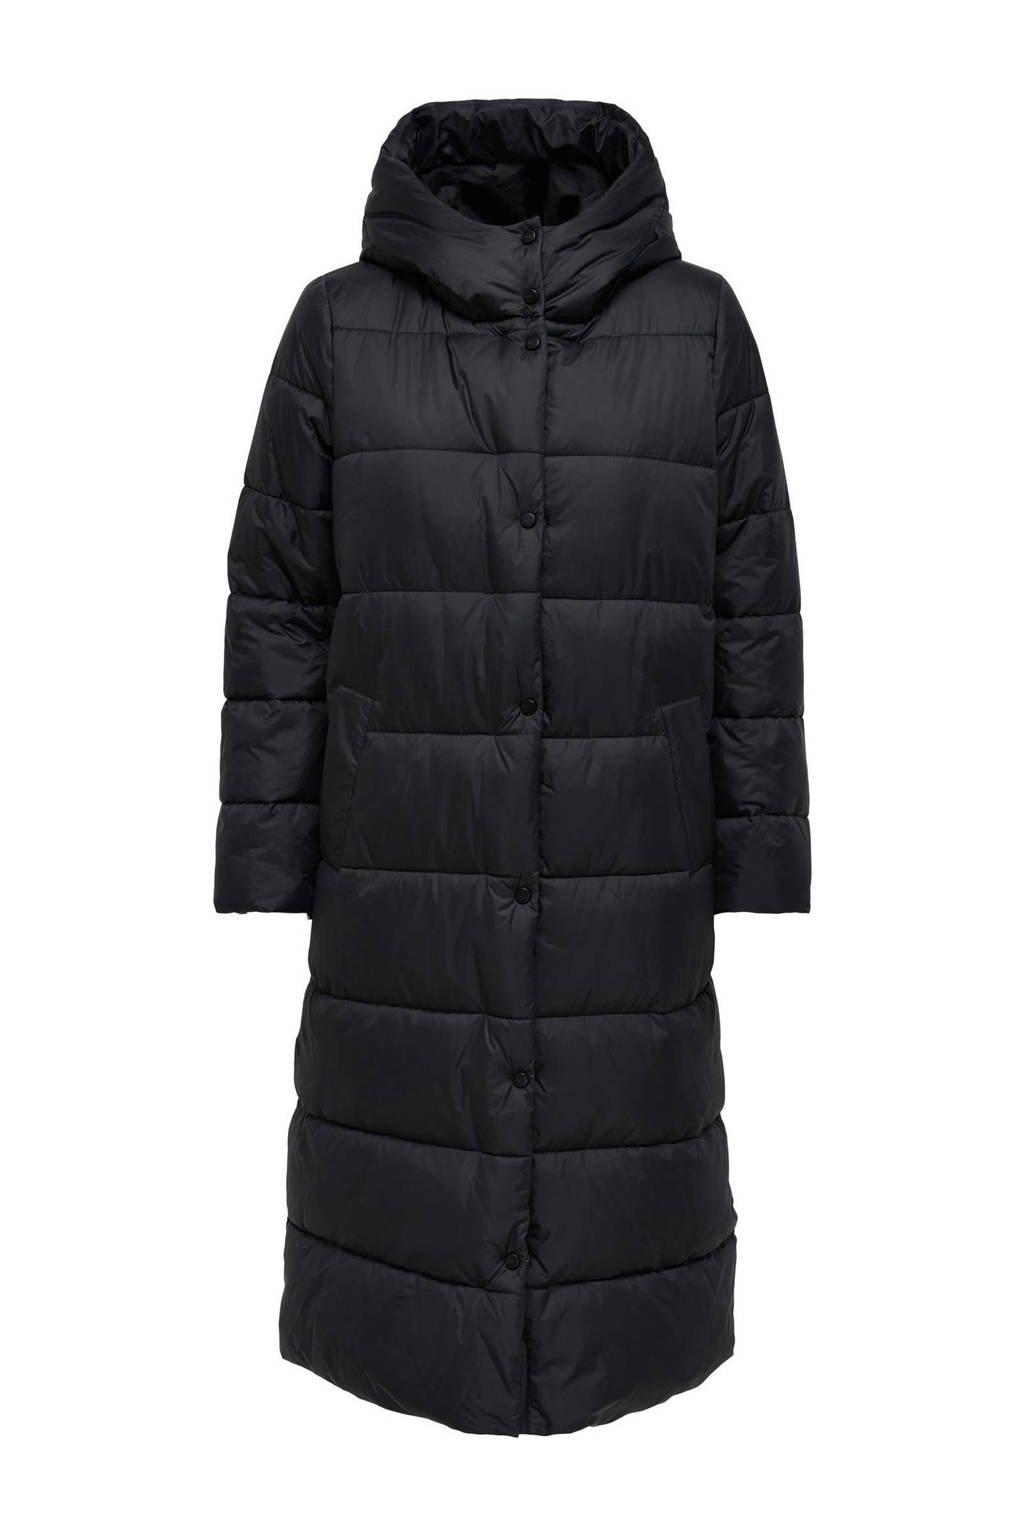 ONLY gewatteerde jas ONLCANACE zwart, Zwart